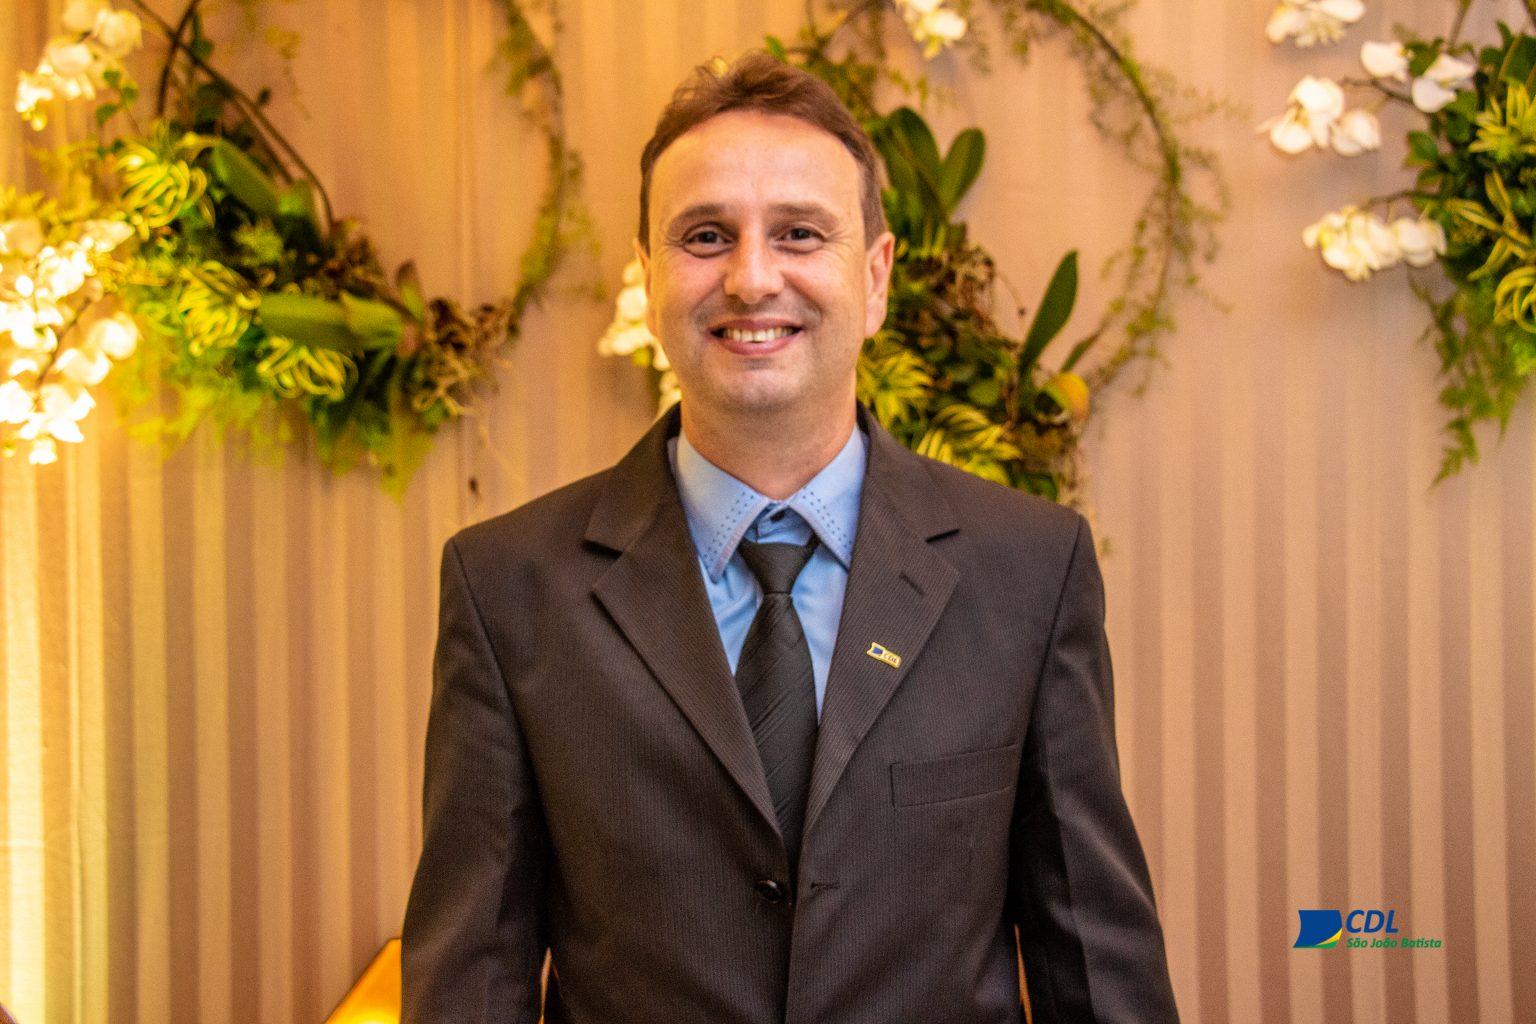 Murilo Alberto da Silva